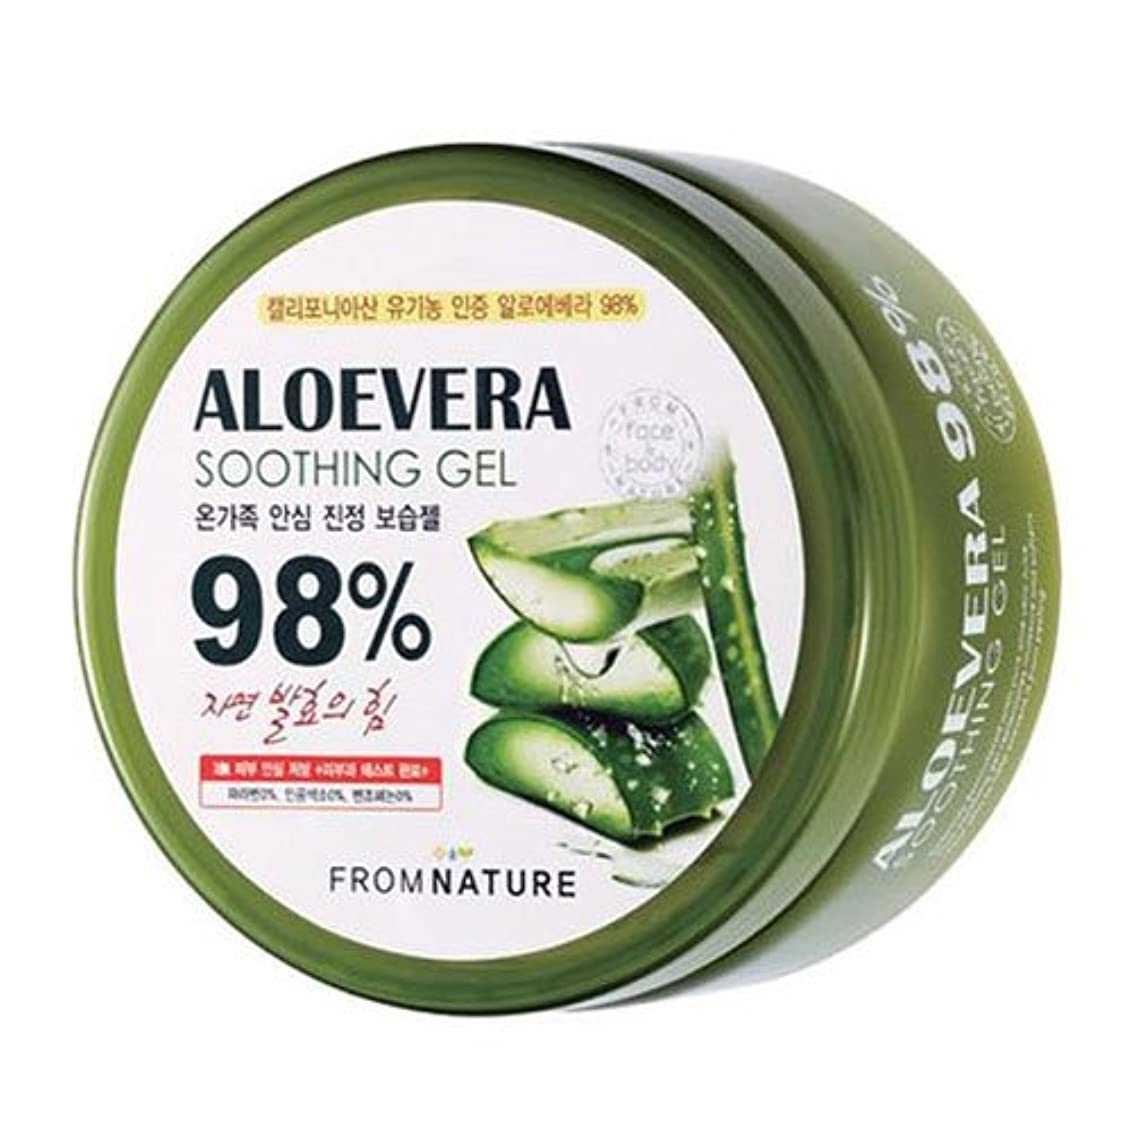 代わりに天使電球[FROMNATURE][フロムネイチャー] アロエベラ98%スーディングジェル (From Nature Aloevera Soothing Gel) (1)